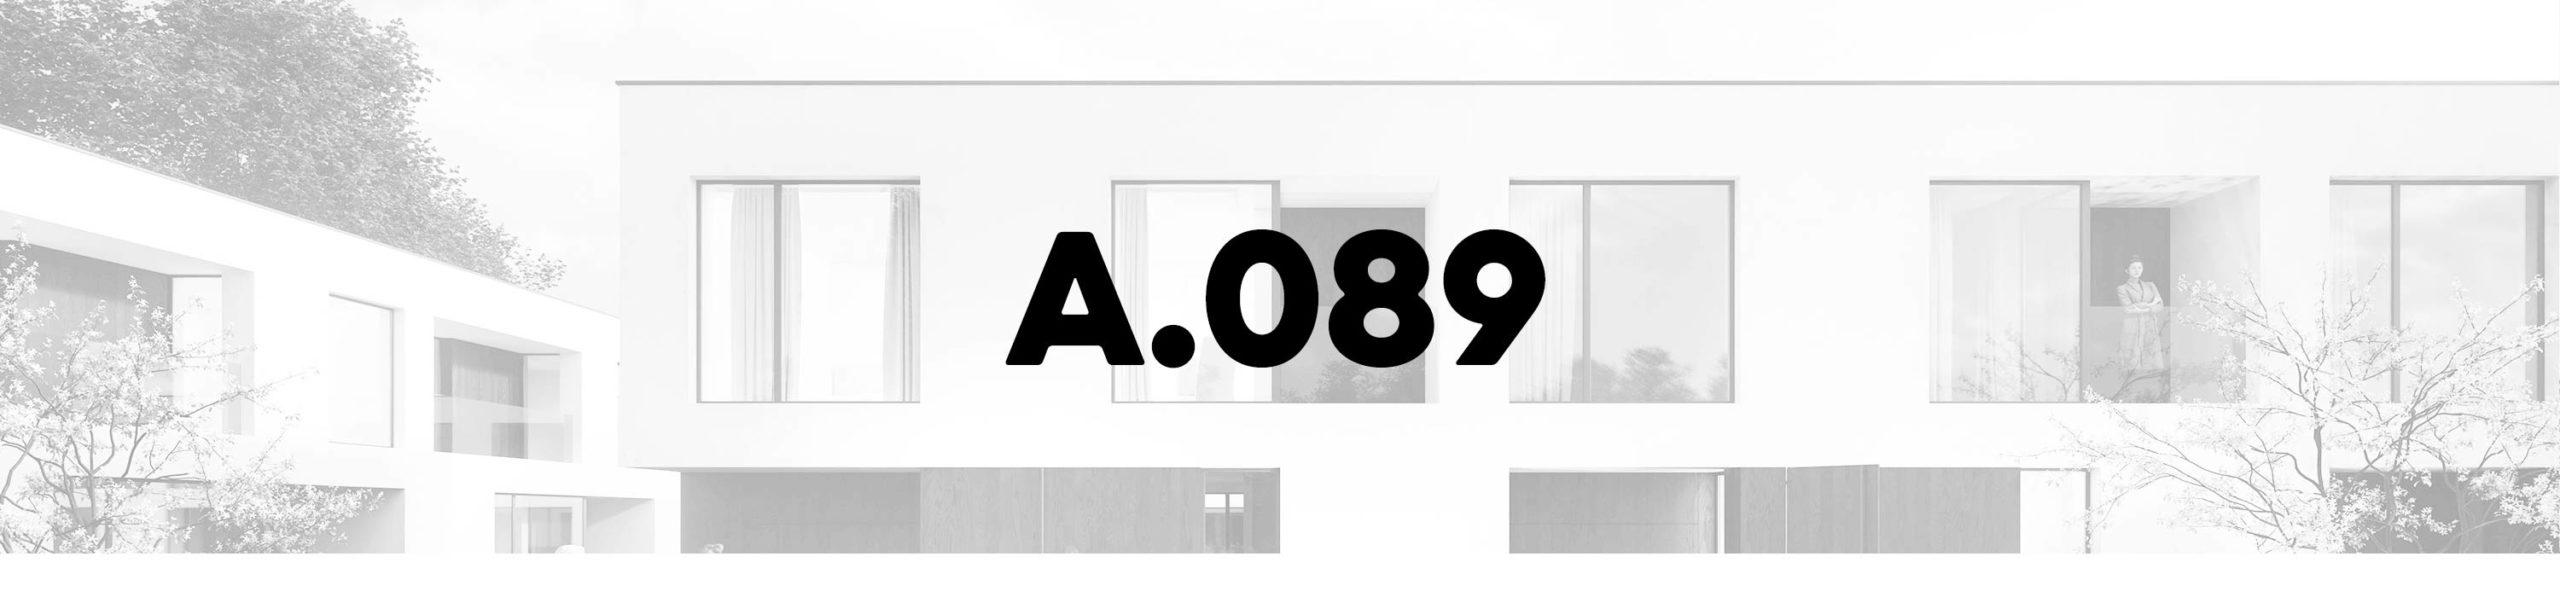 architecture-089-M